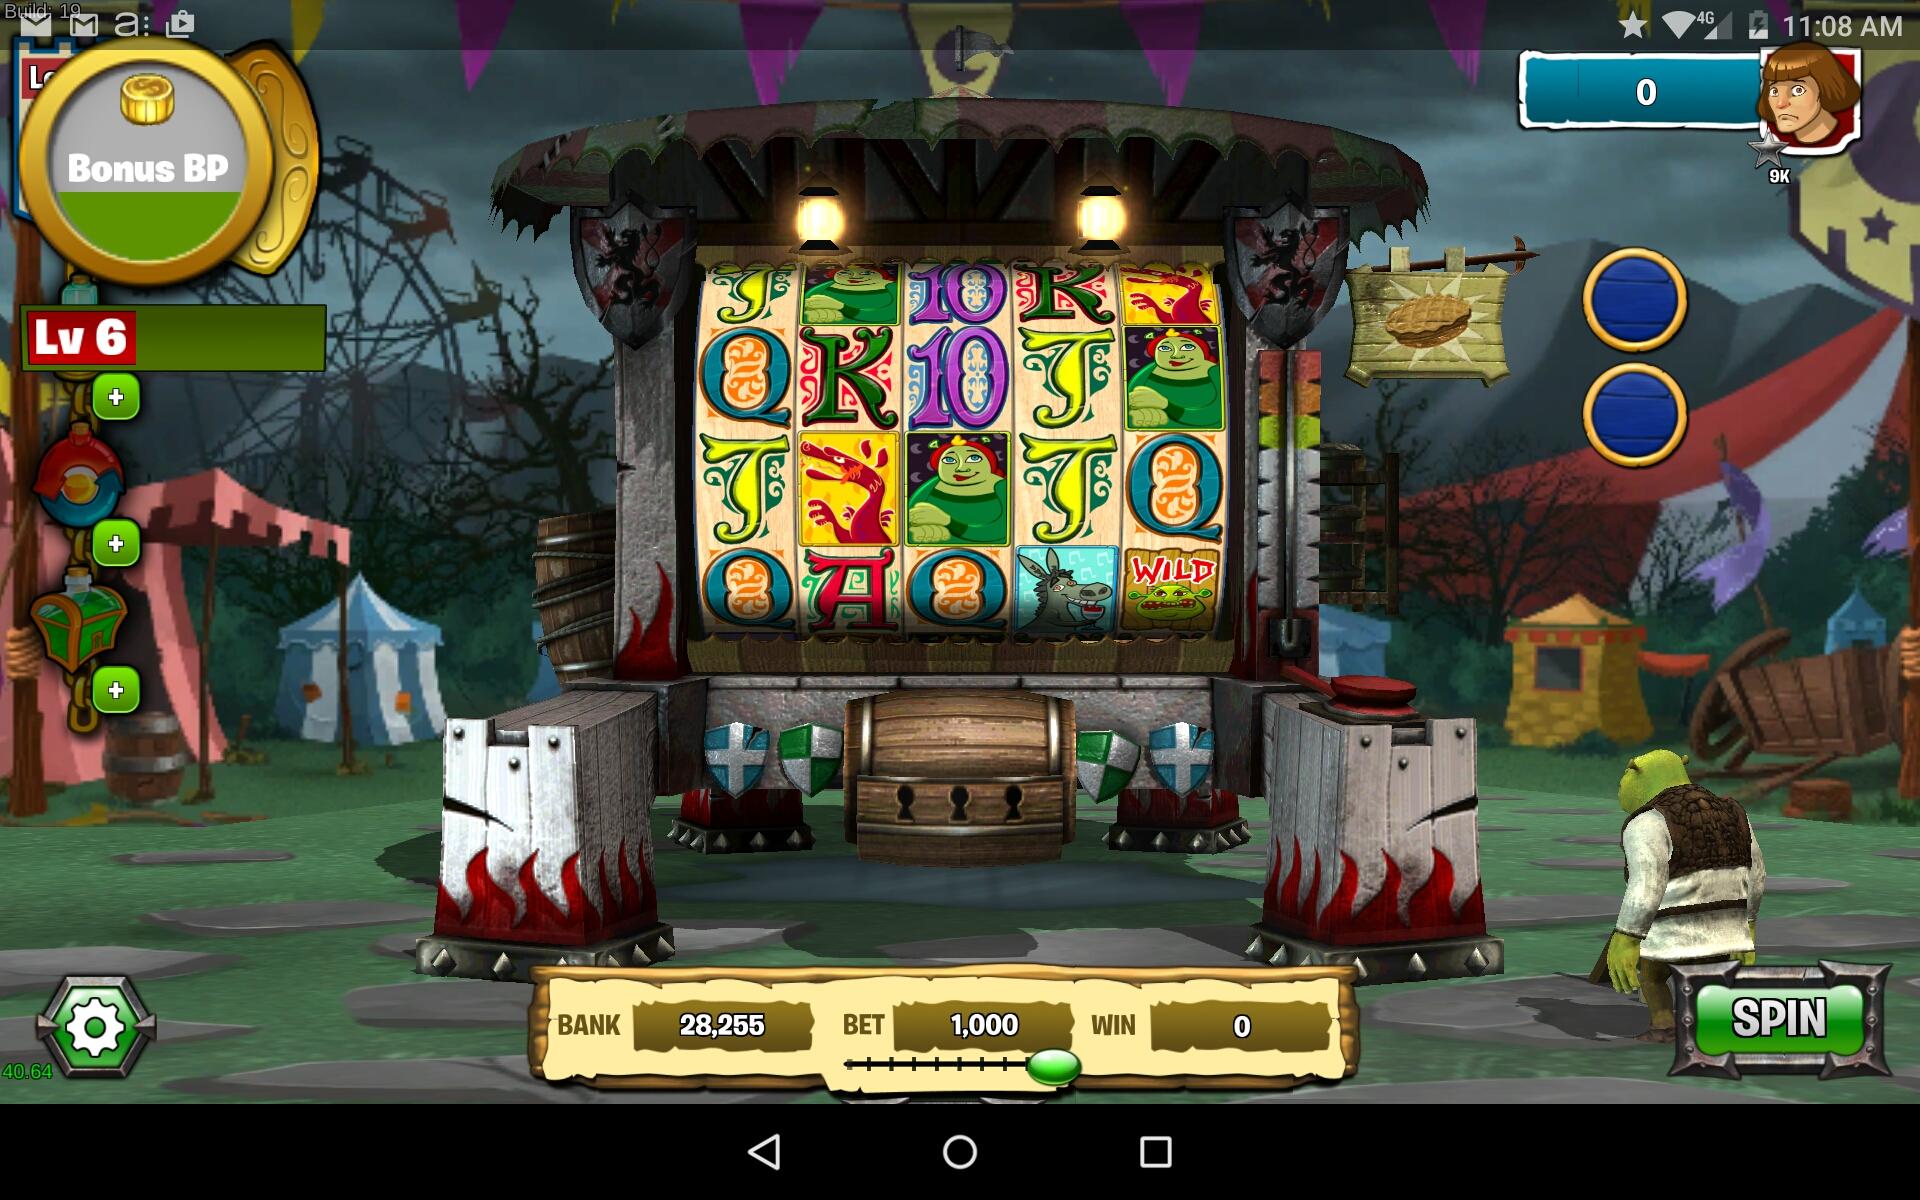 Shrek Vs Slots_20150319_110819